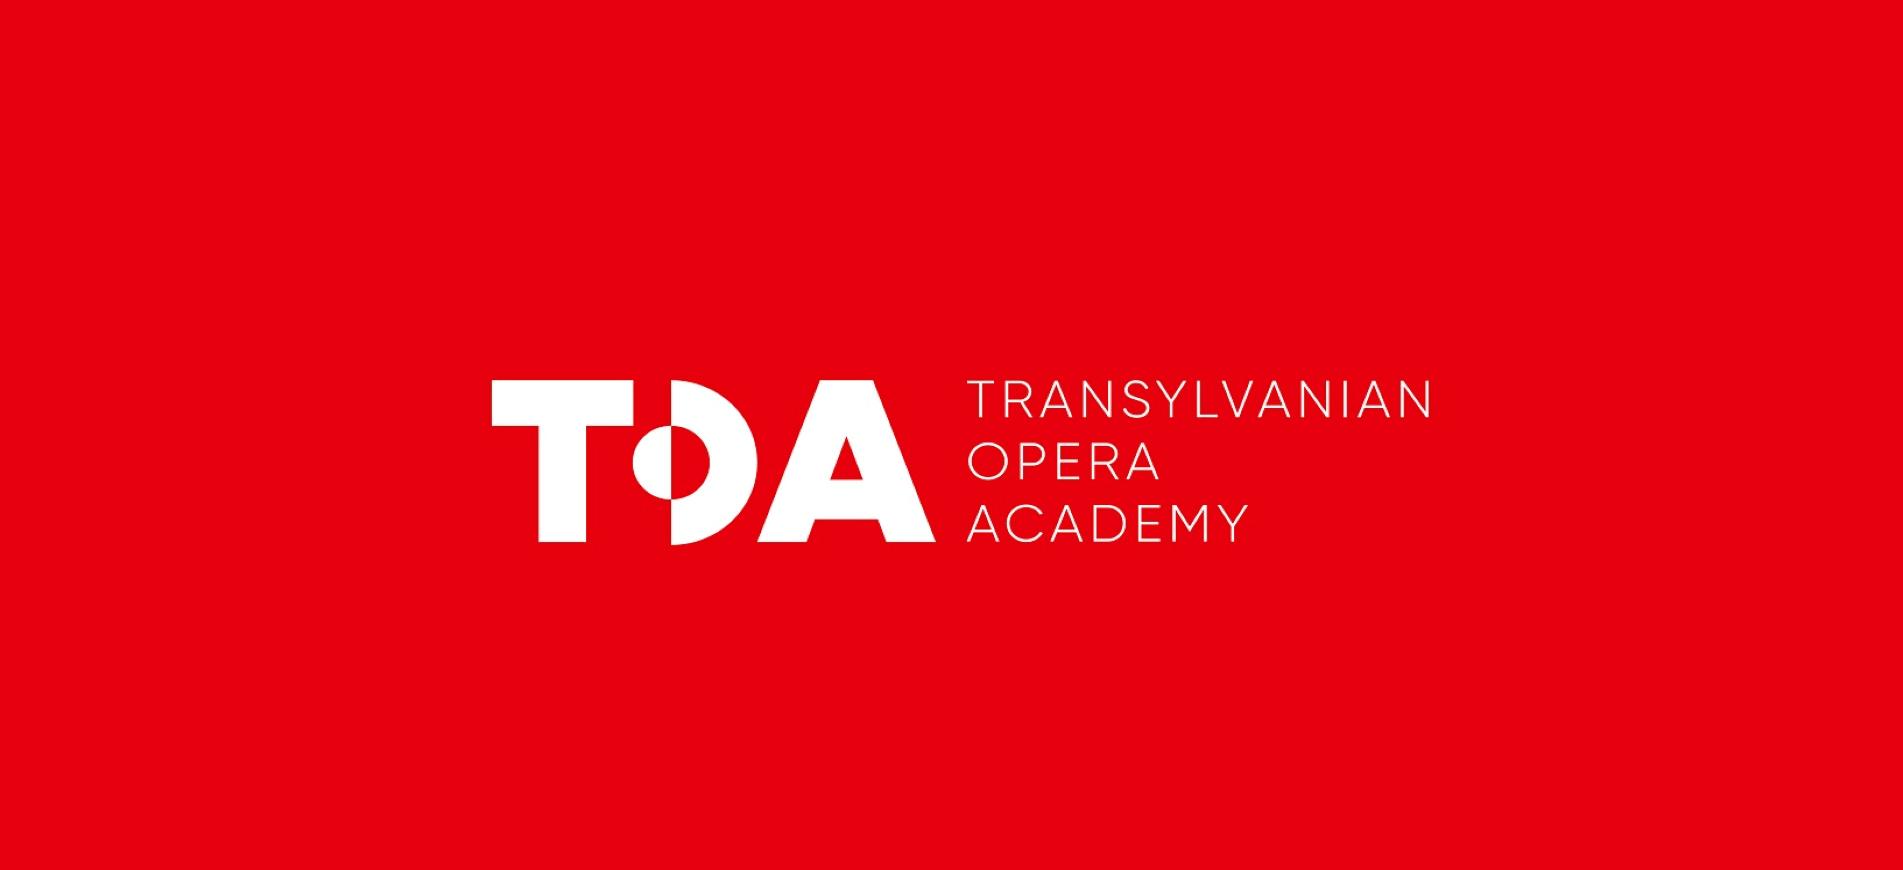 NOI AUDIȚII pentru tinerii artiști! TRANSYLVANIAN OPERA ACADEMY anunță primele audiții ale Stagiunii 2017-2018